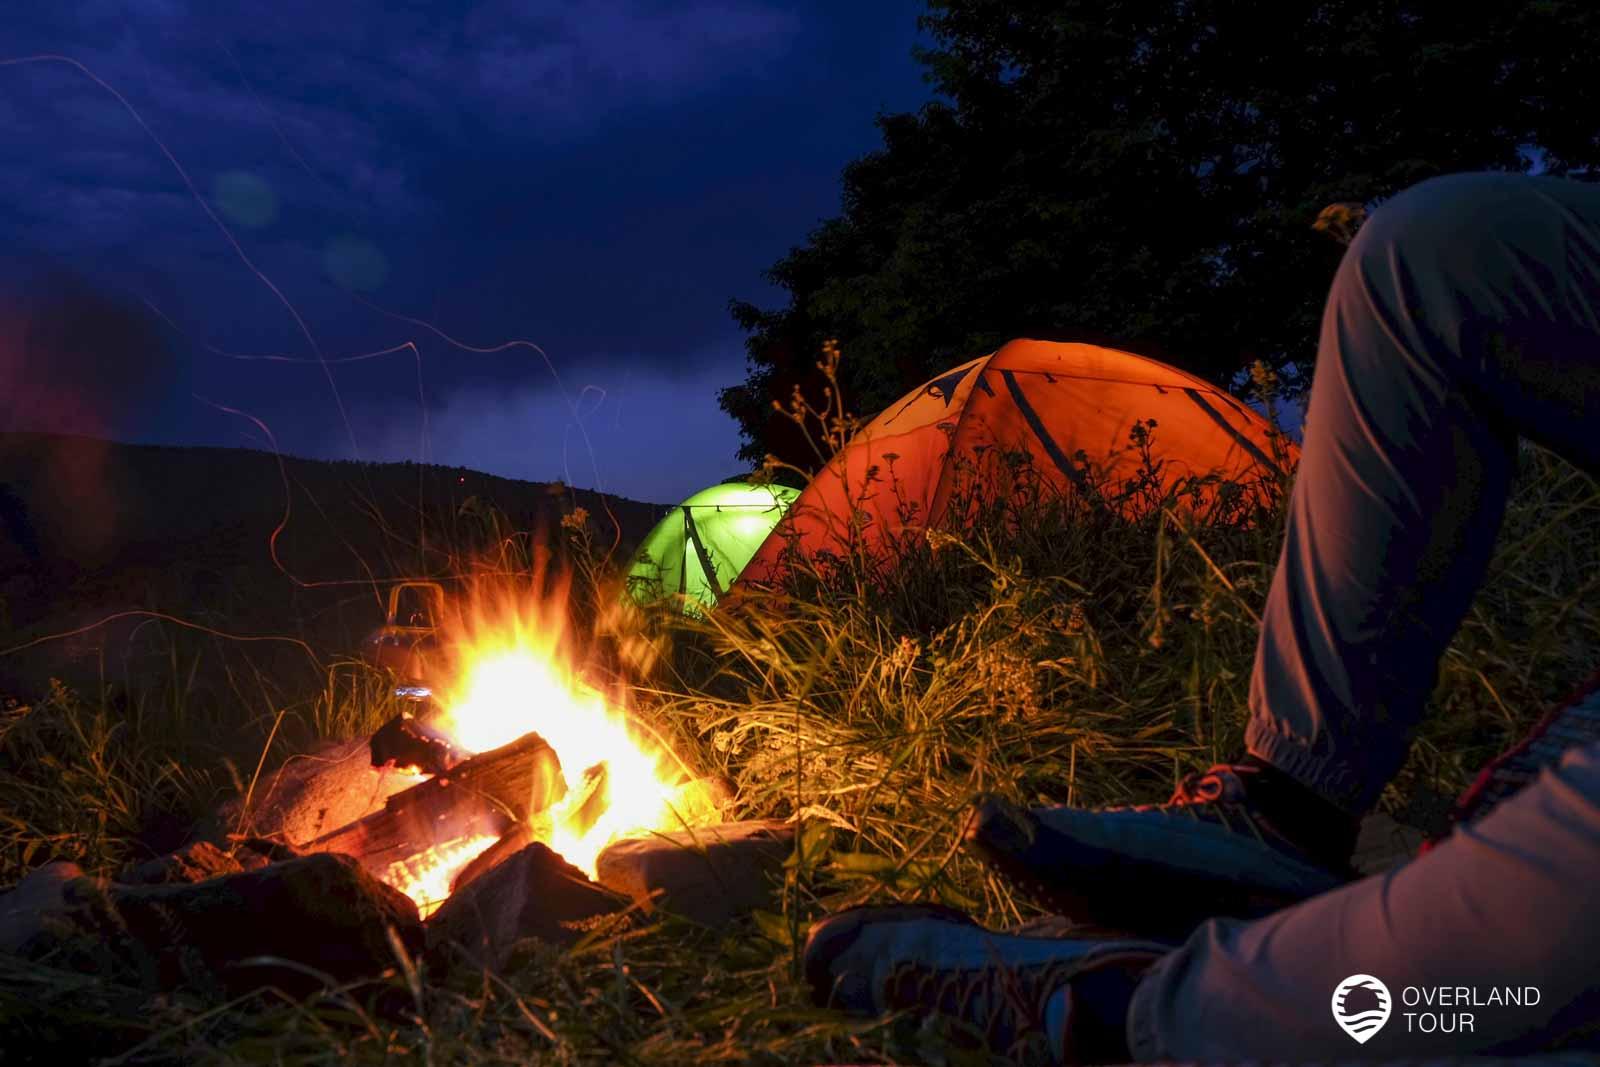 Erlebe viele Outdoor Aktivitäten und die wunderbare Landschaft